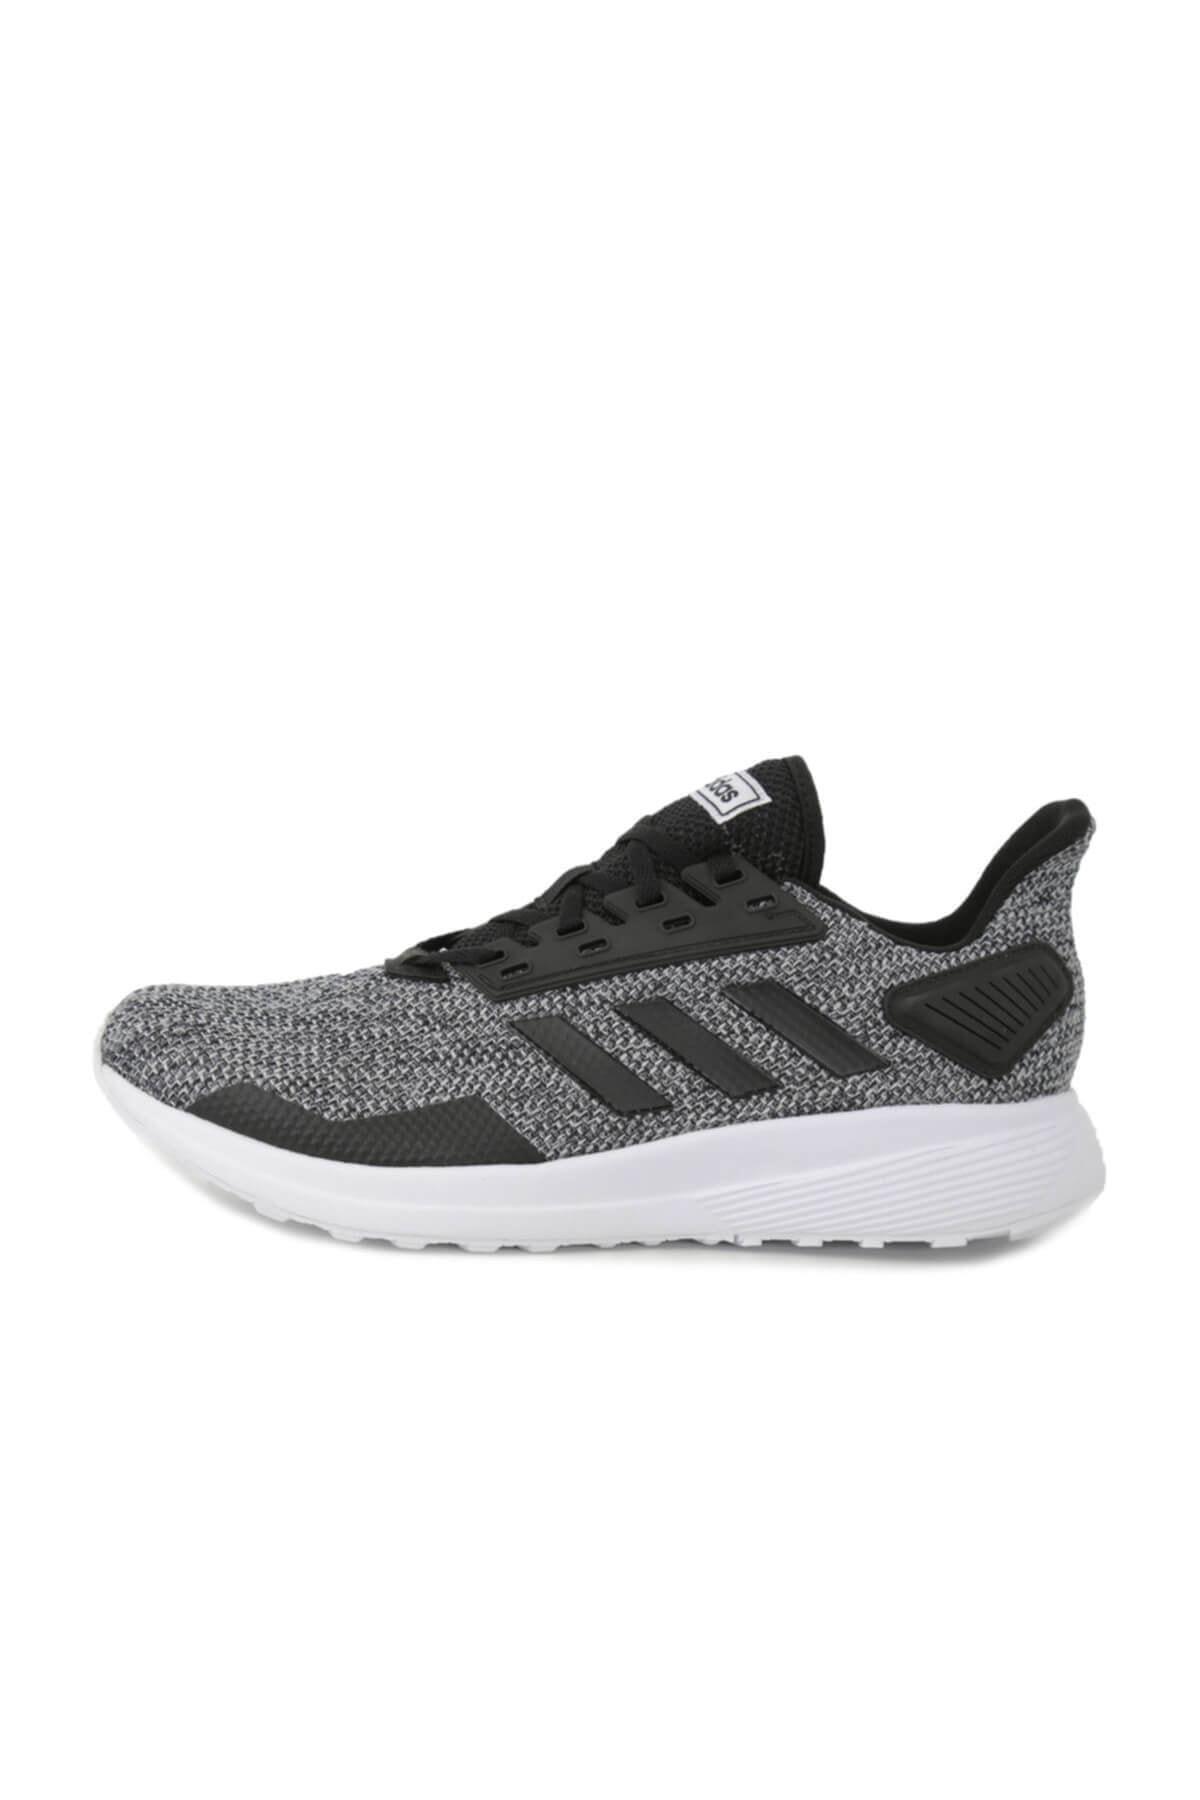 adidas DURAMO 9 Siyah Erkek Koşu Ayakkabısı 100381743 1